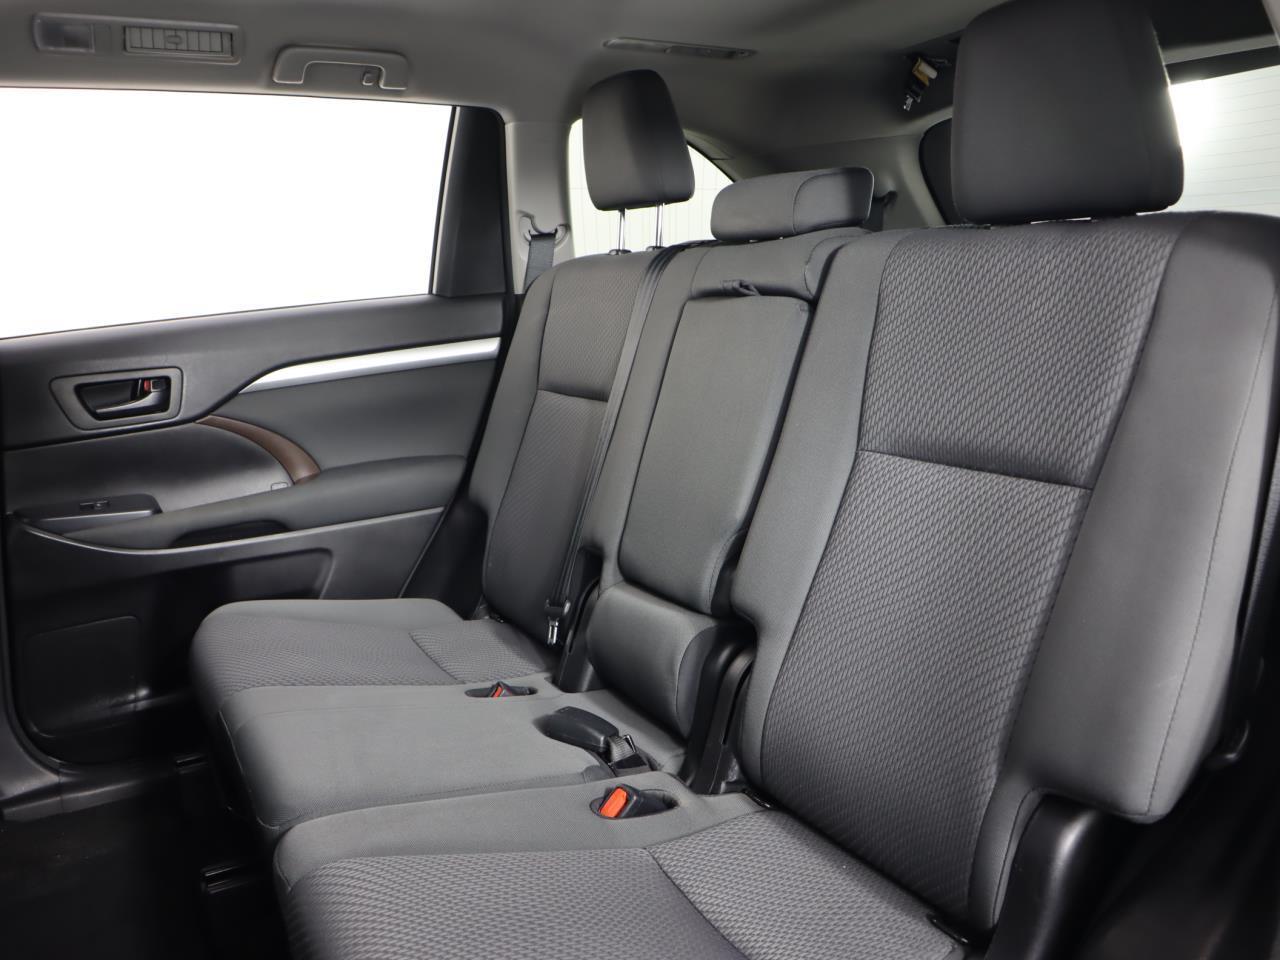 used vehicle - SUV TOYOTA HIGHLANDER 2017